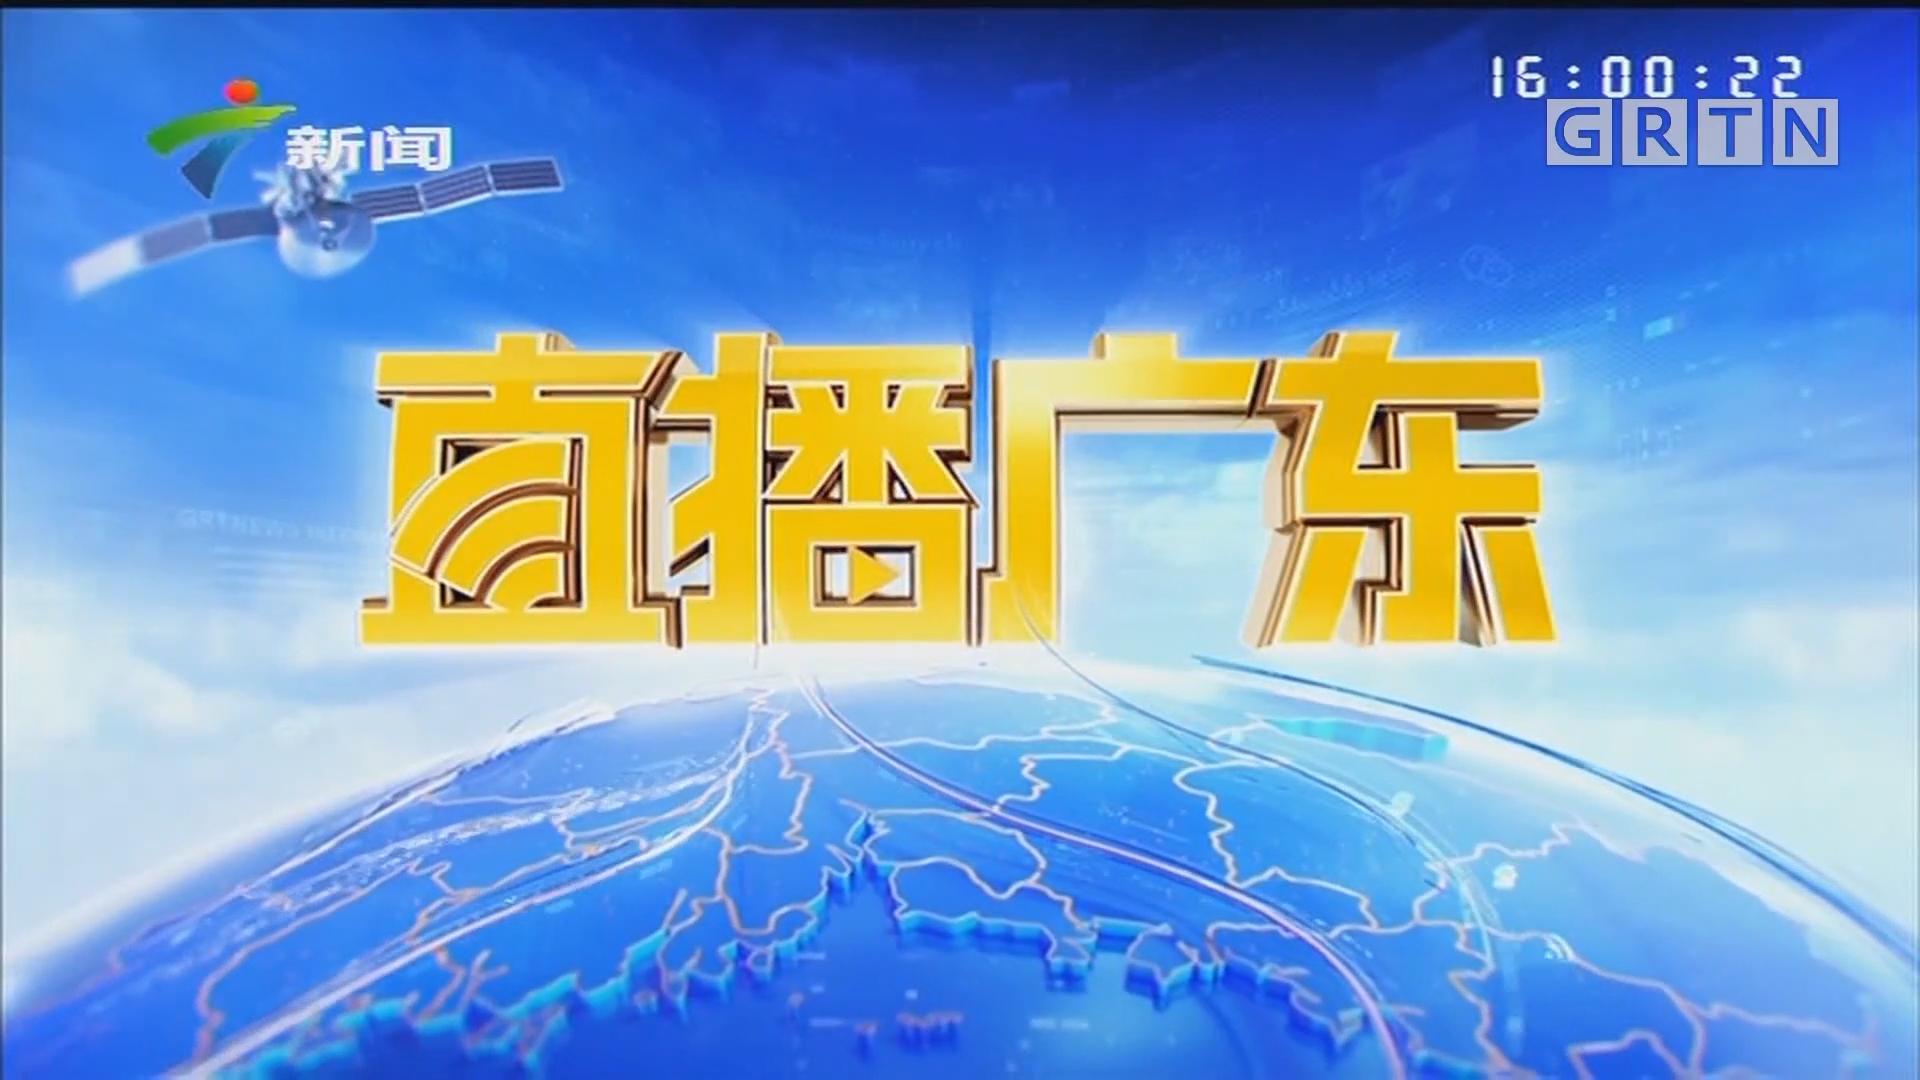 [HD][2019-06-16]直播广东:河源塌桥打捞进展 13时打捞出水